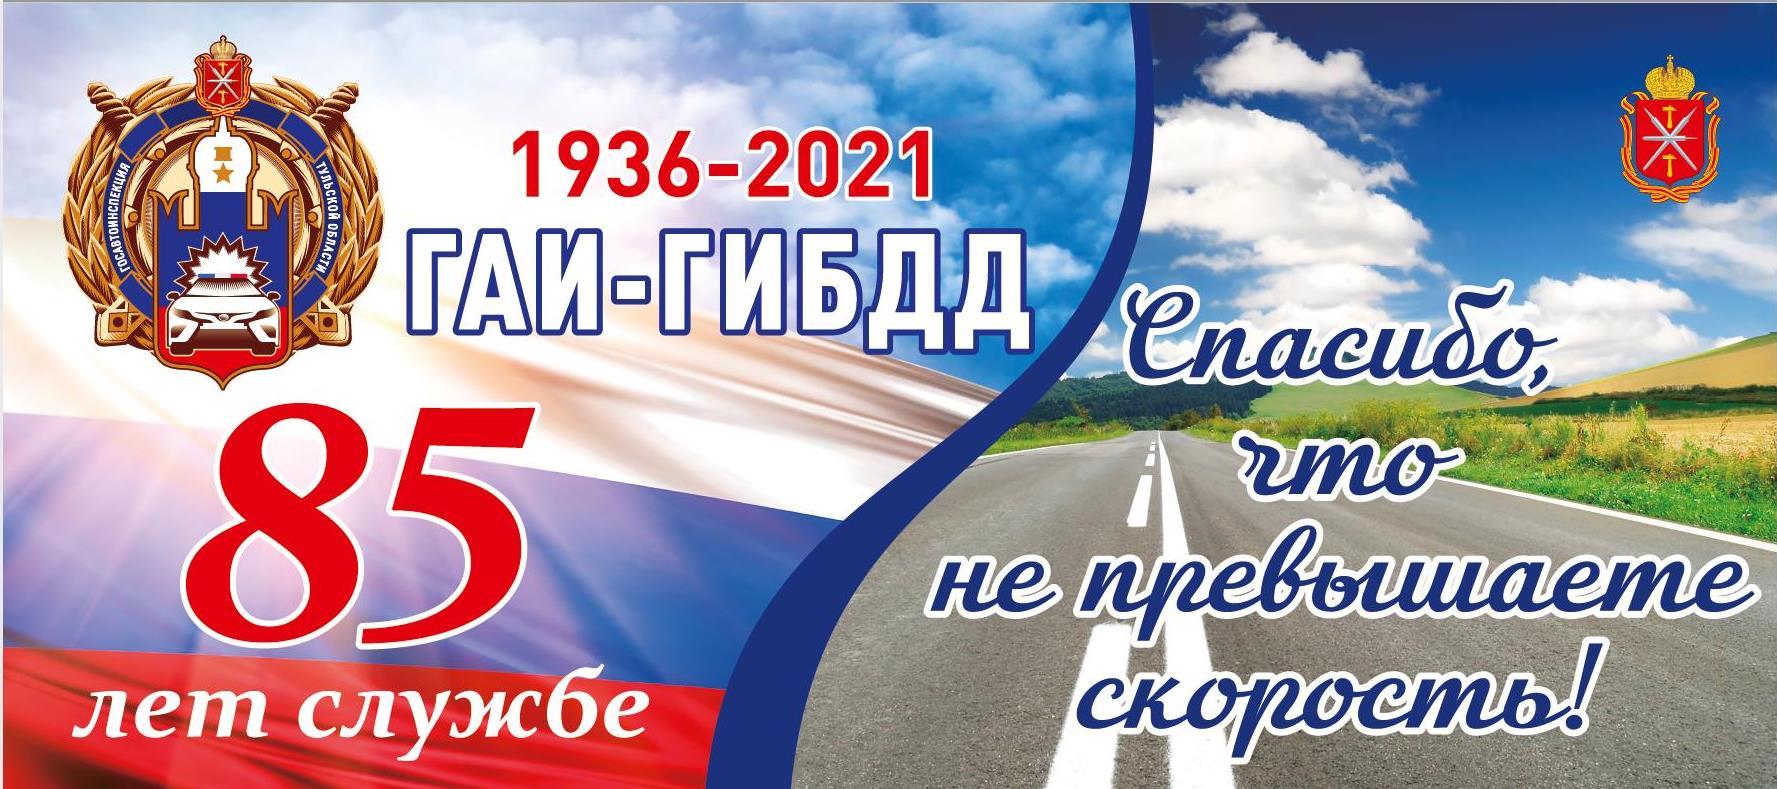 http://www.srcn1-tula.ru/f/image/%D1%81%D0%BF%D0%B0%D1%81%D0%B8%D0%B1%D0%BE%20%D1%87%D1%82%D0%BE%201.jpg